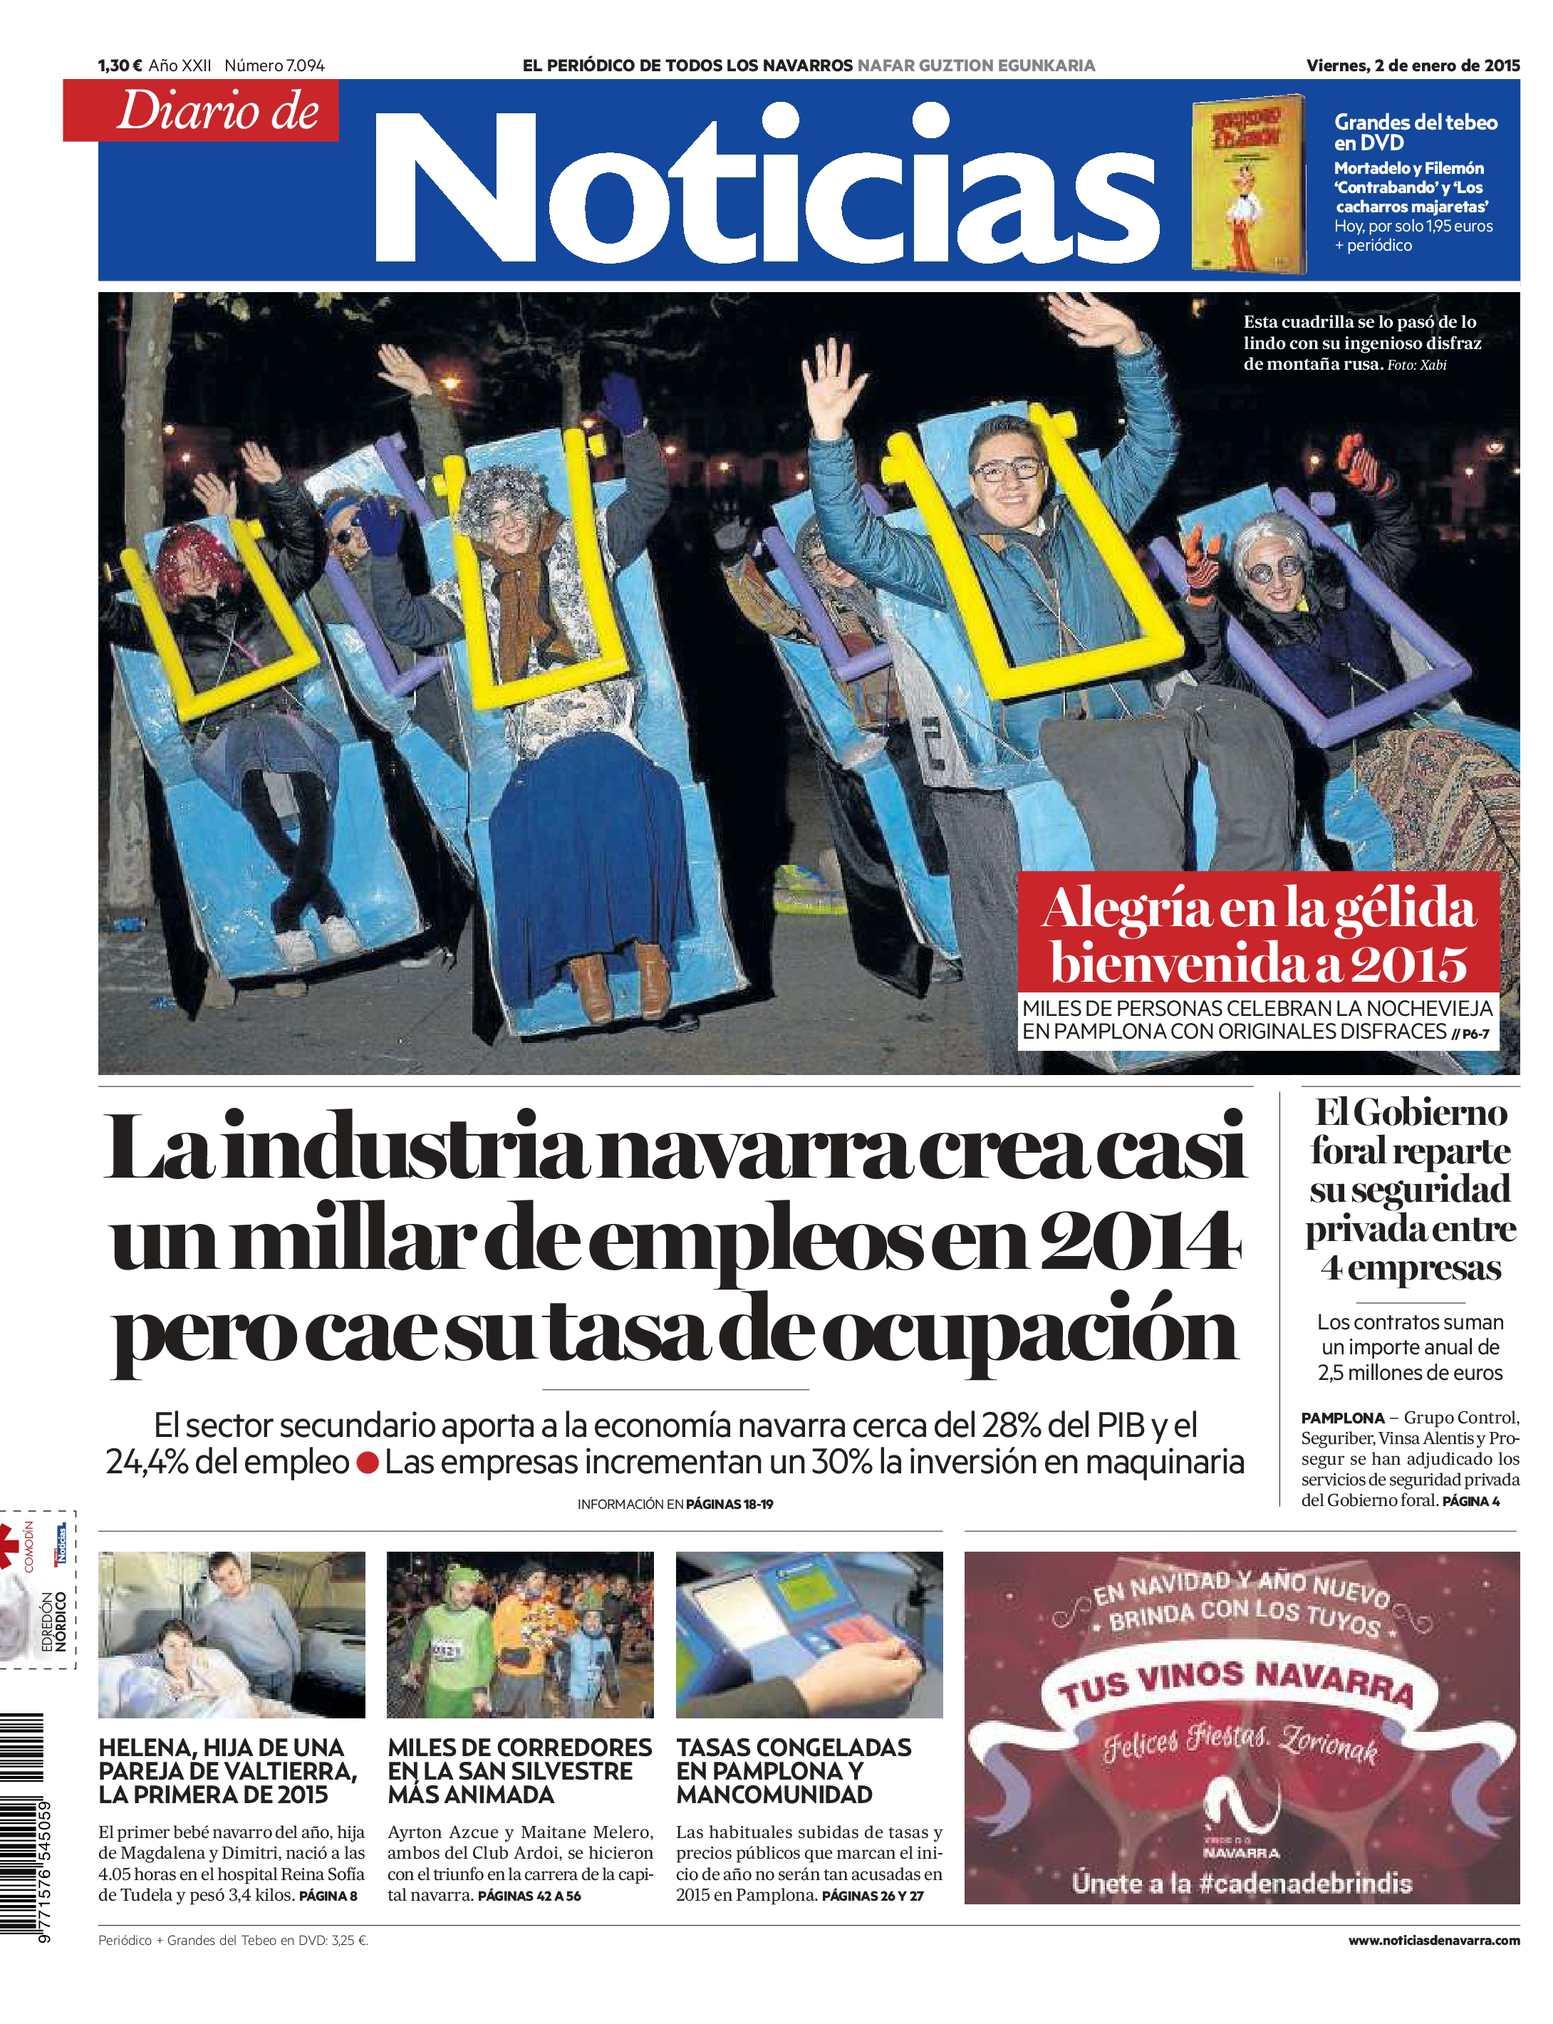 New balance cm 997. talla 45'5 en España 【 ANUNCIOS Octubre